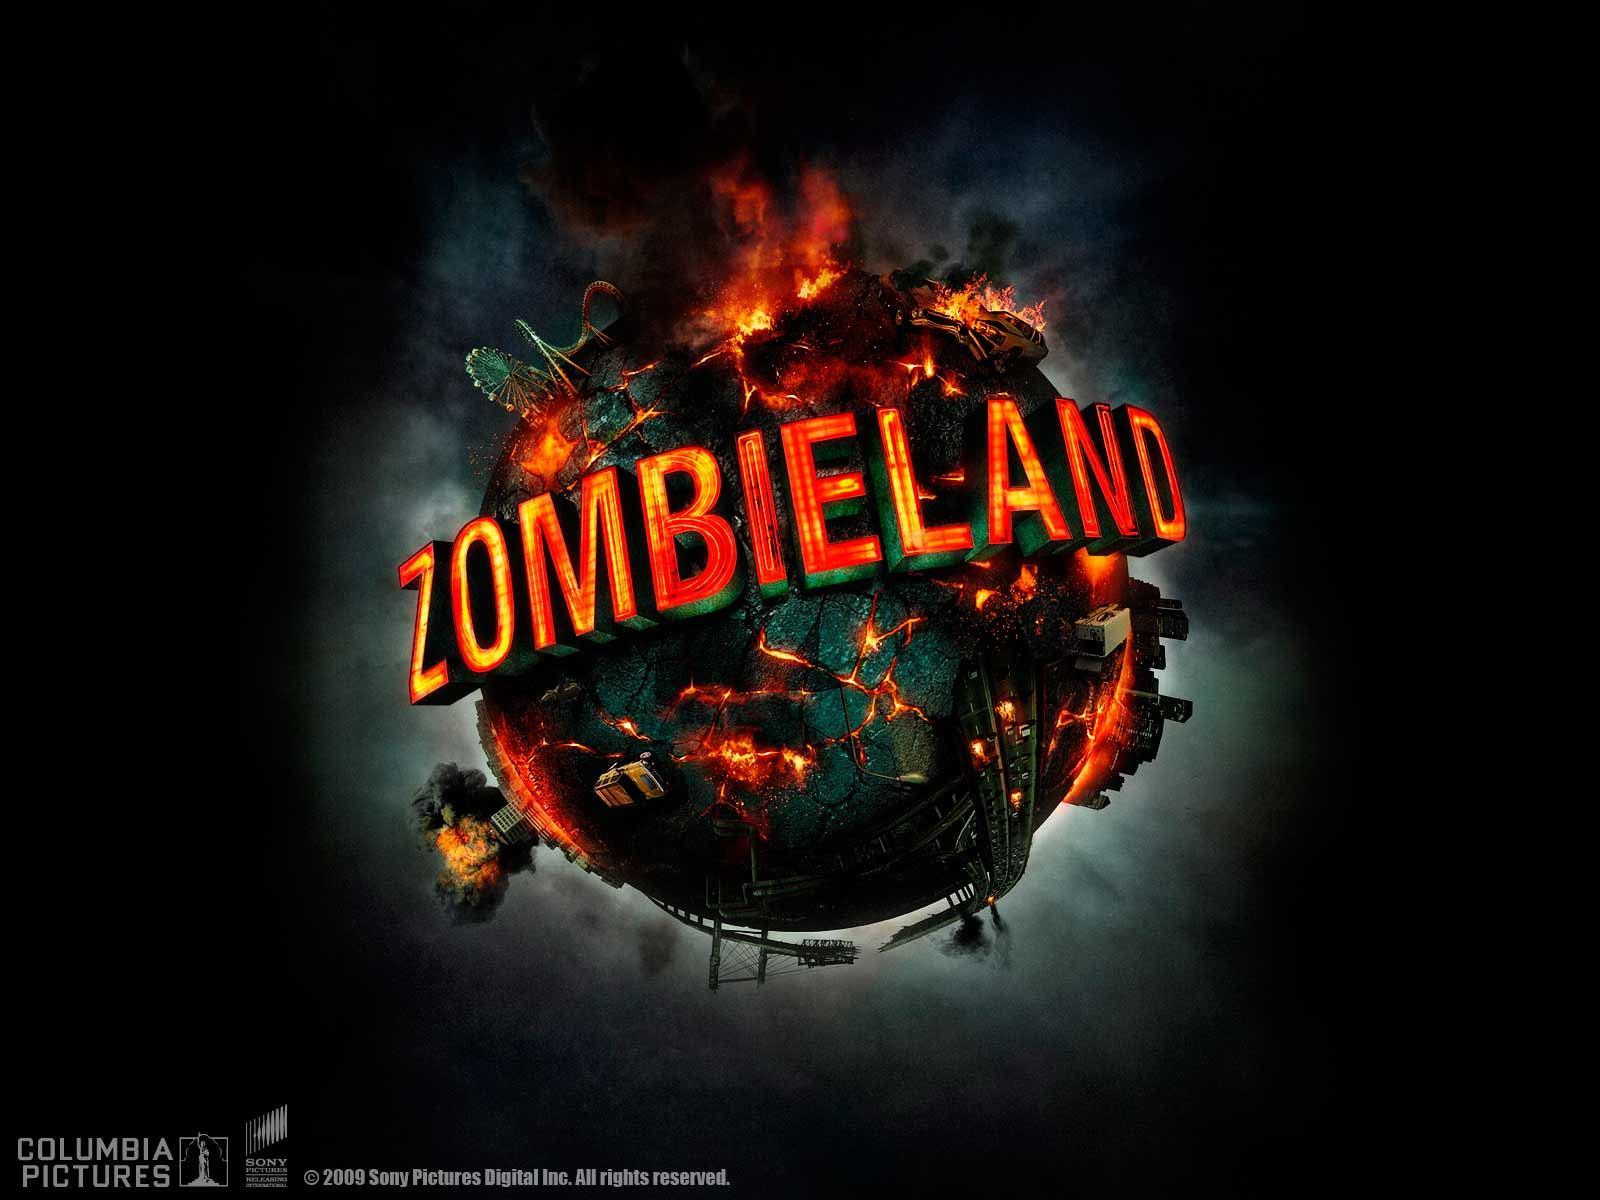 Добро пожаловать в зомбилэнд » скачать фильмы для телефонов и.